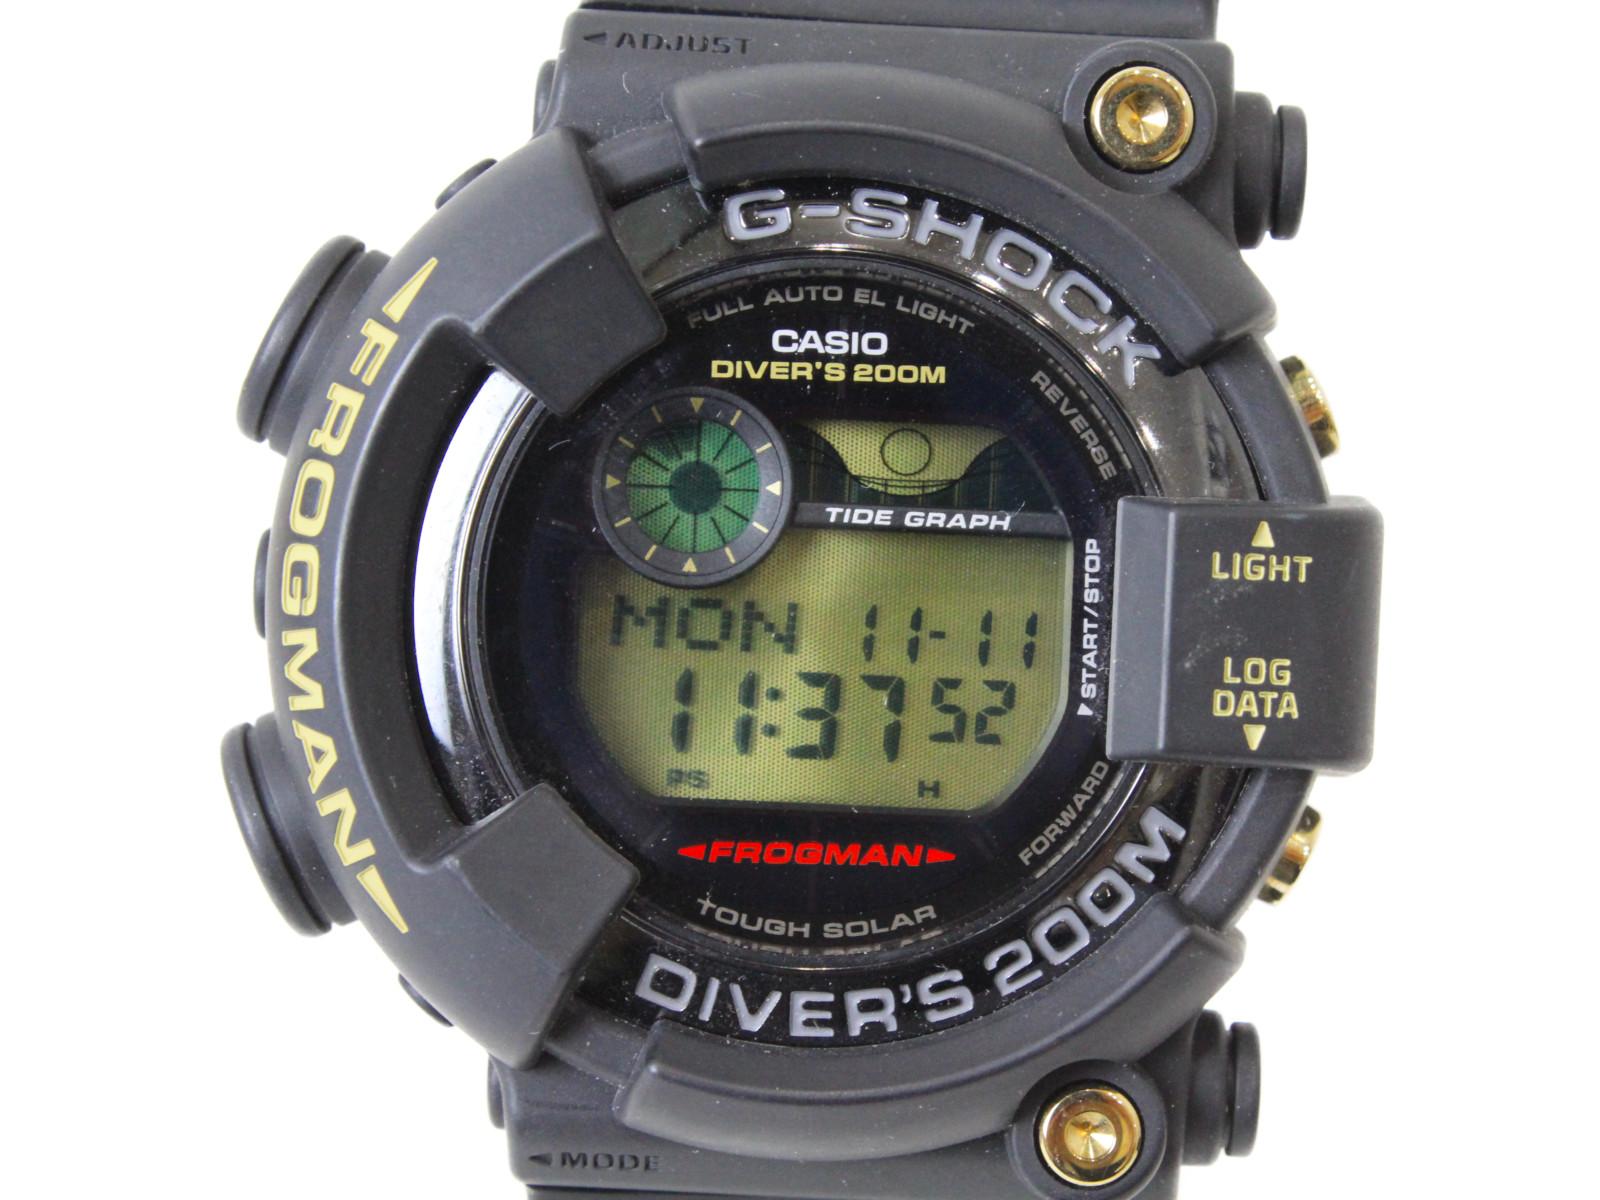 【35周年記念モデル】CASIO カシオ G-SHOCK フロッグマン GF-8235D-1BJR デジタル タフソーラー ラバー ブラック メンズ 腕時計【中古】